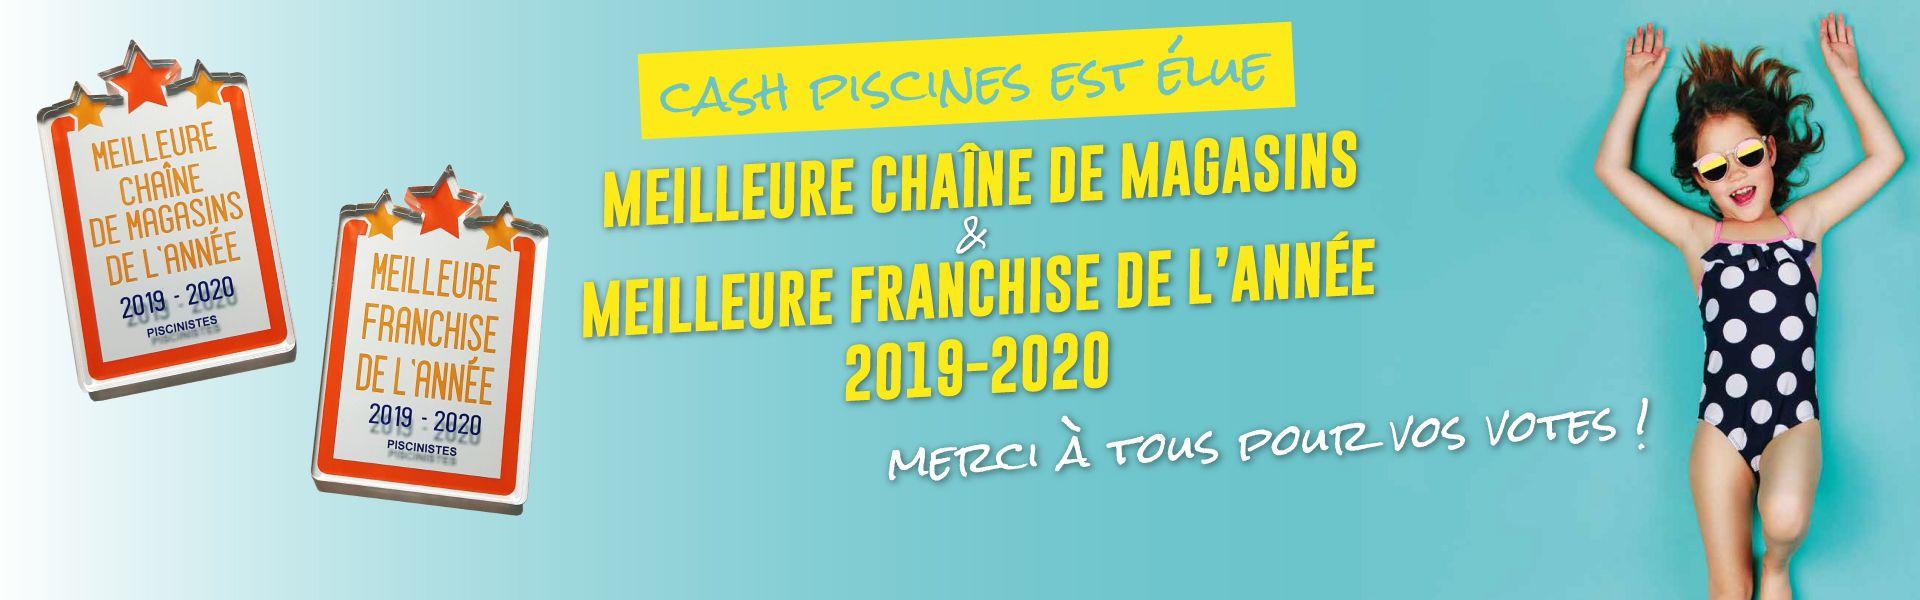 Cash Piscines - Tout Pour La Piscine & Spas Gonflables ... encequiconcerne Cash Piscine Montauban